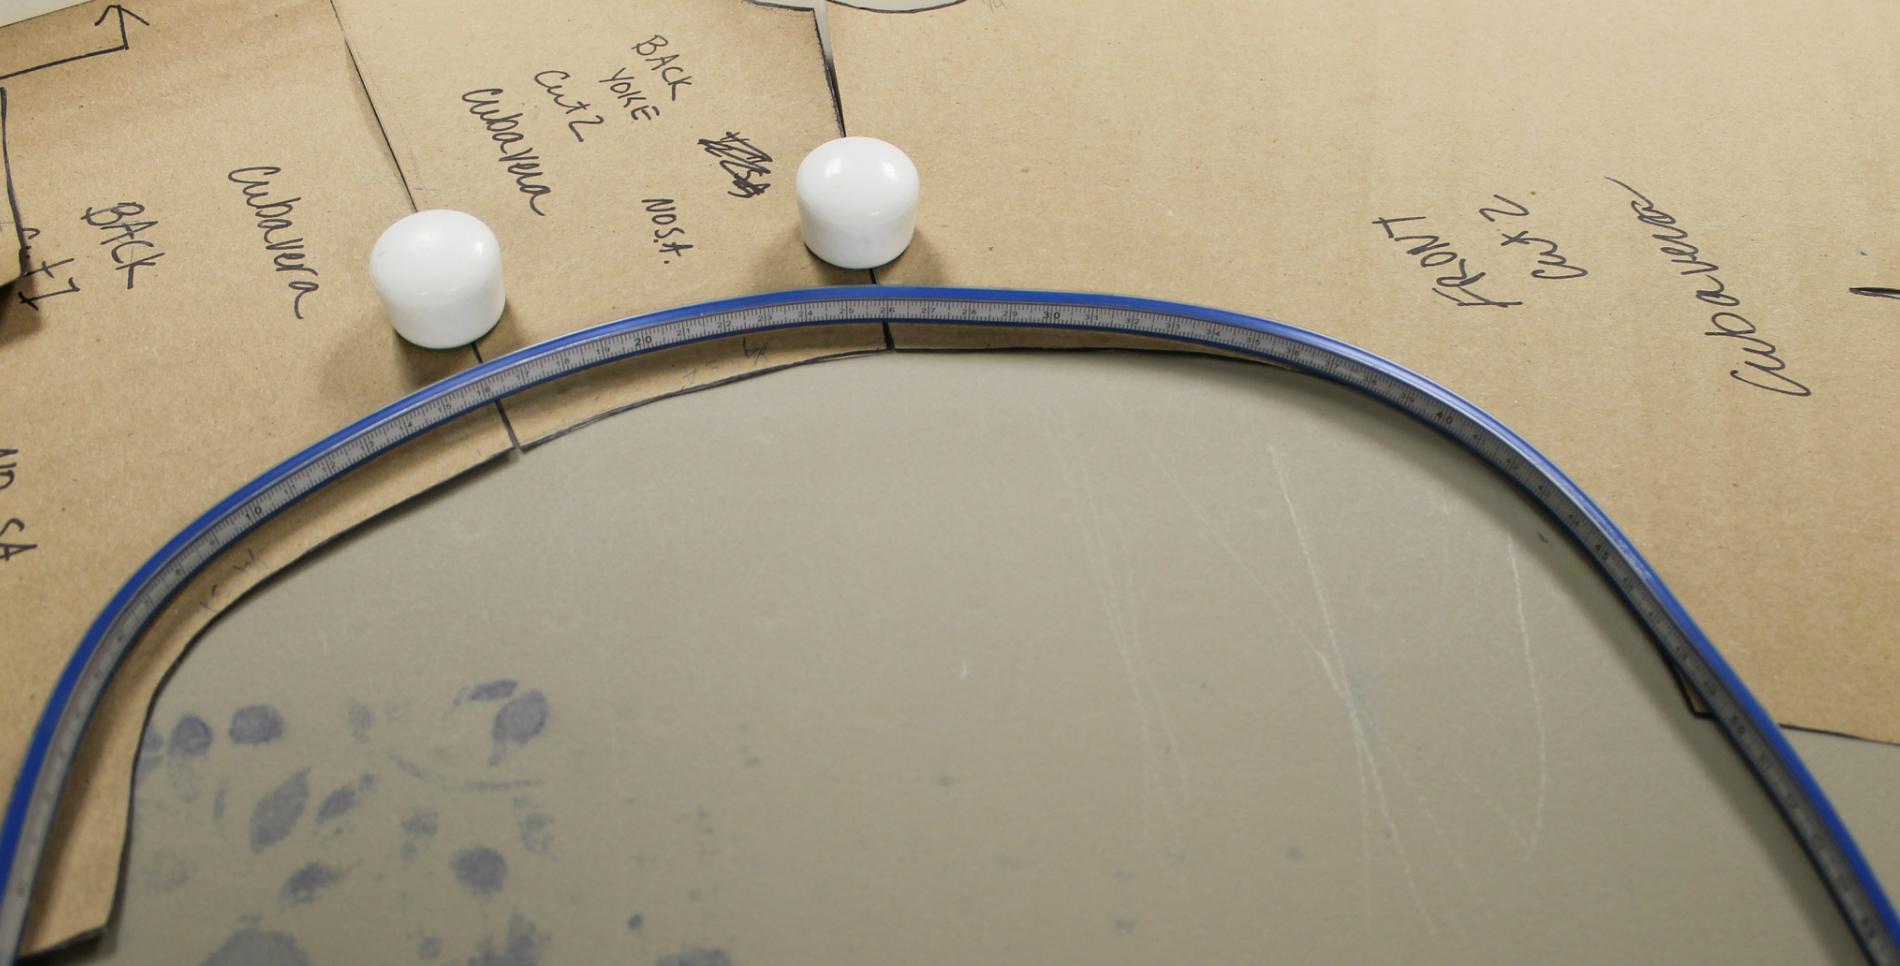 Measuring each seam